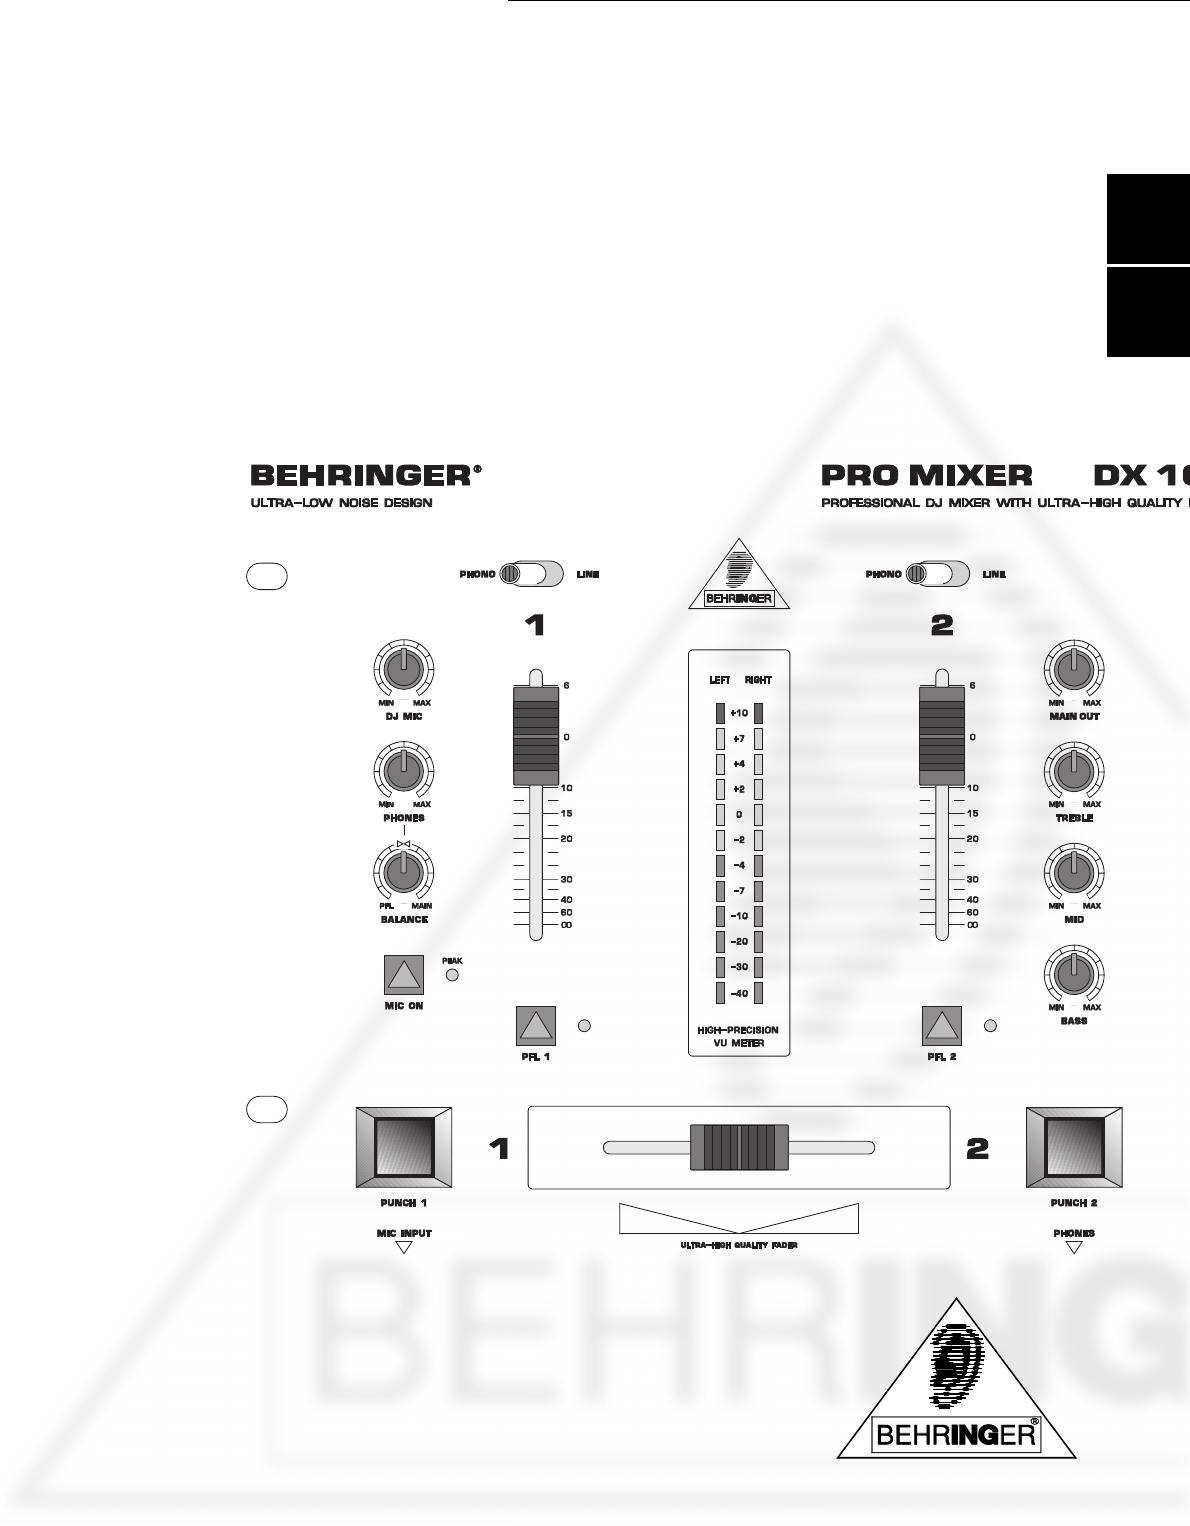 Behringer Musical Instrument DX100 User Guide